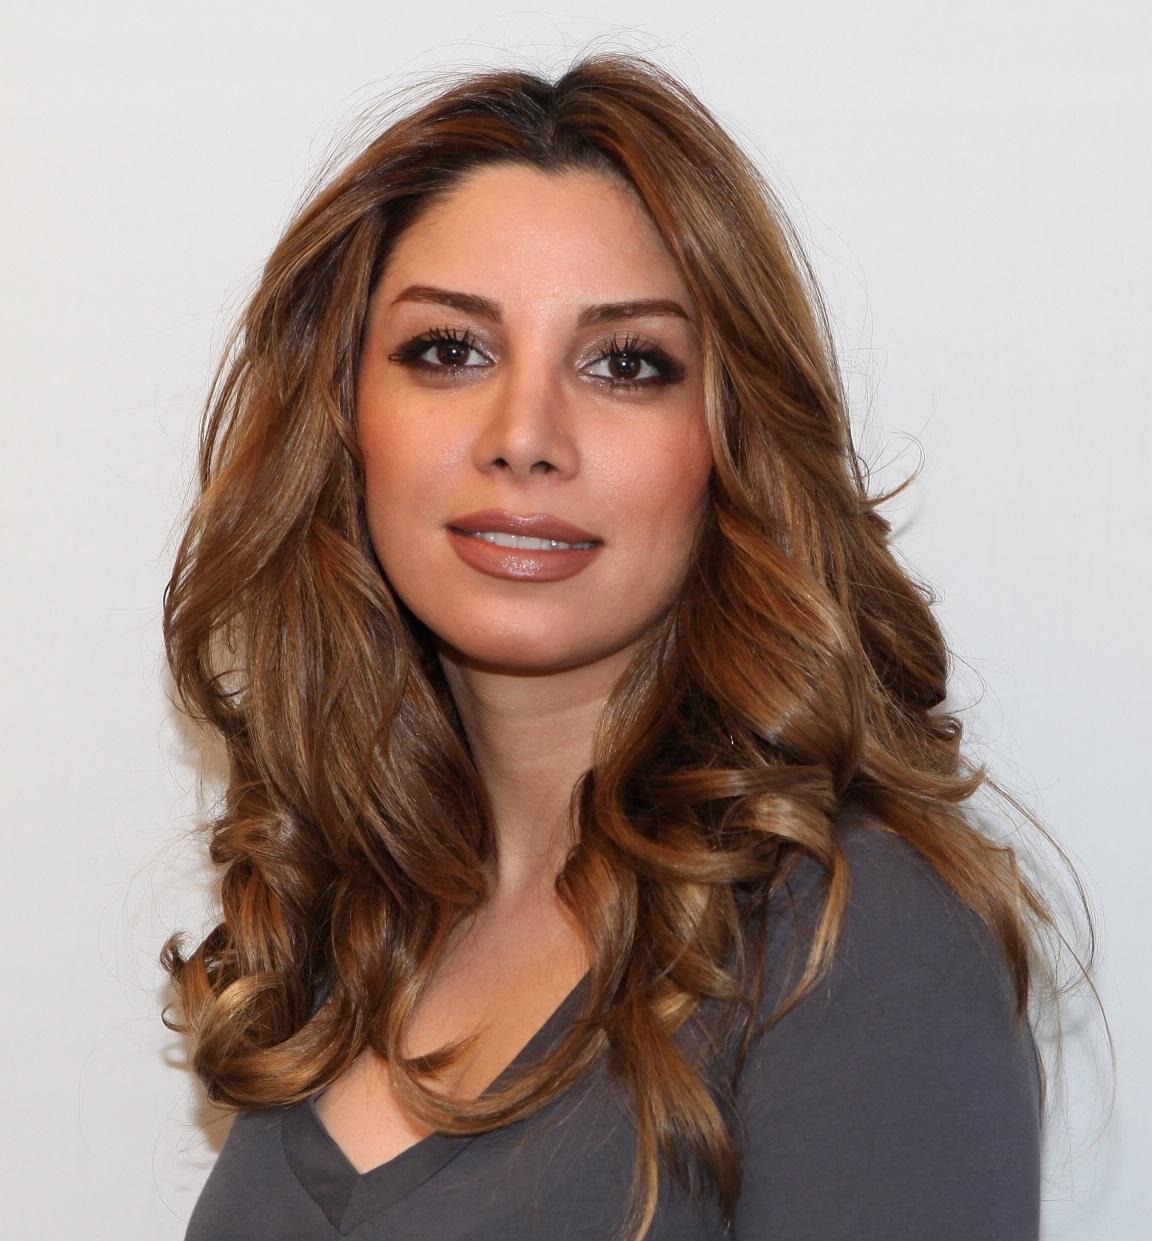 Maryam Shokohmand